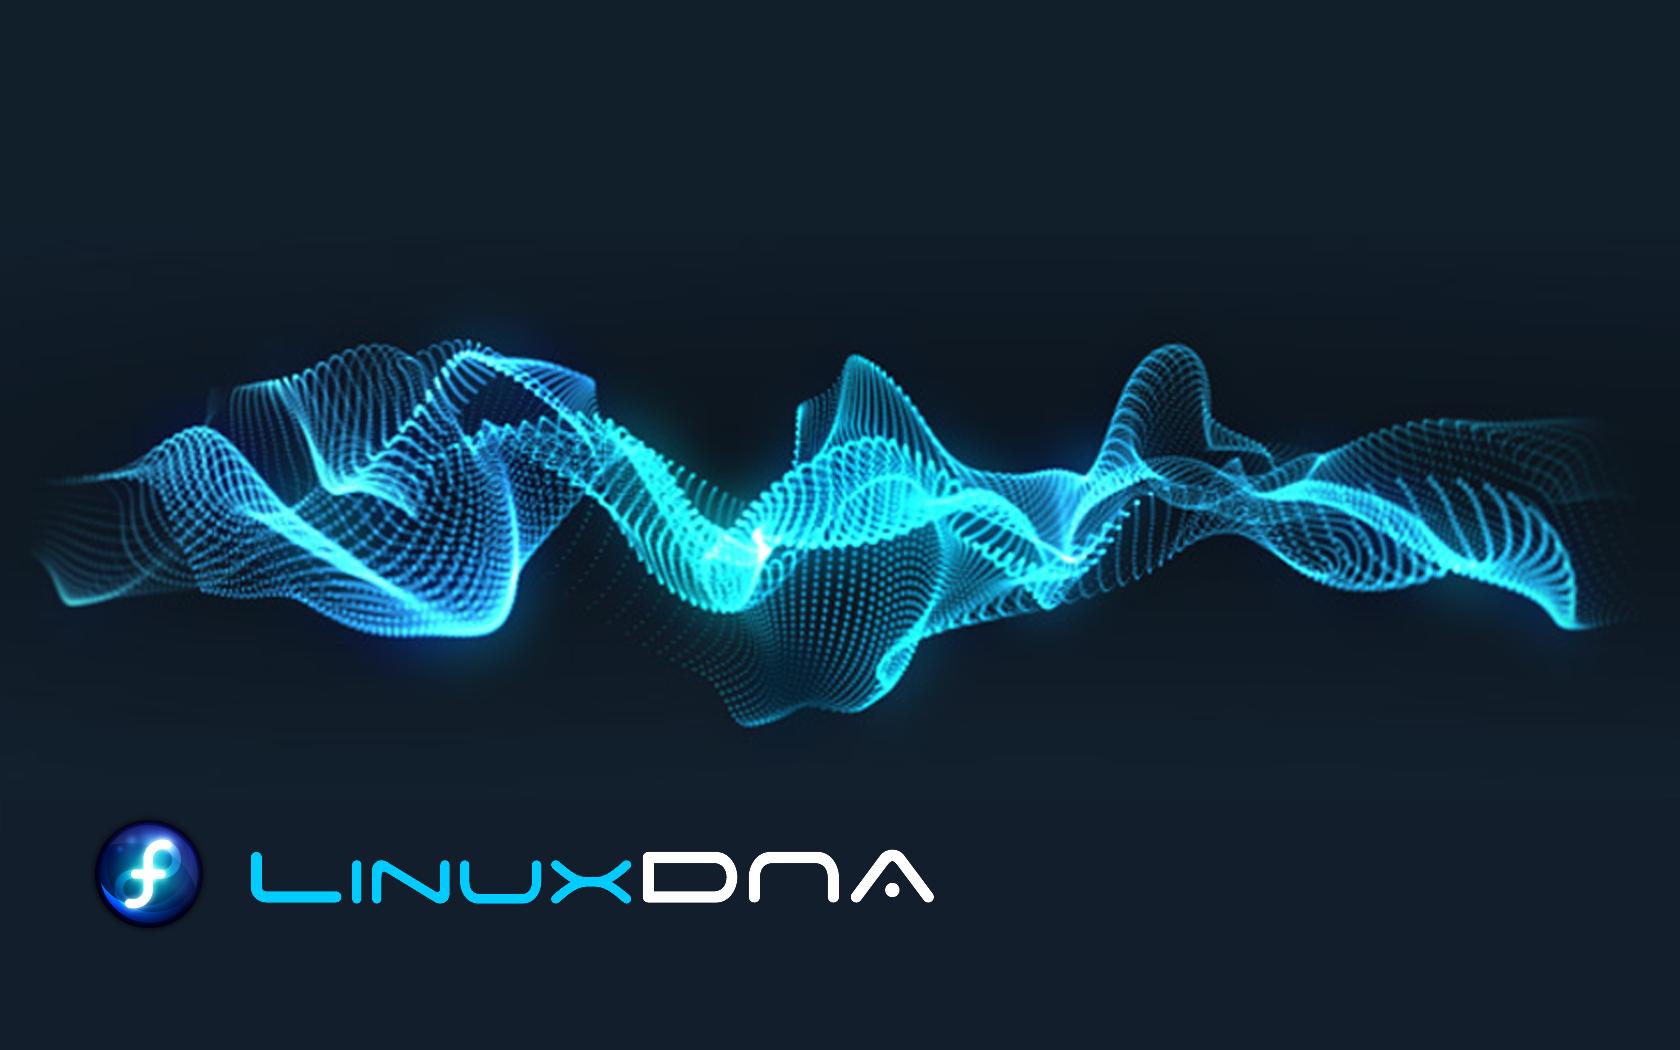 linuxdnacomimageslinuxdna2 fedorapng 1680x1050